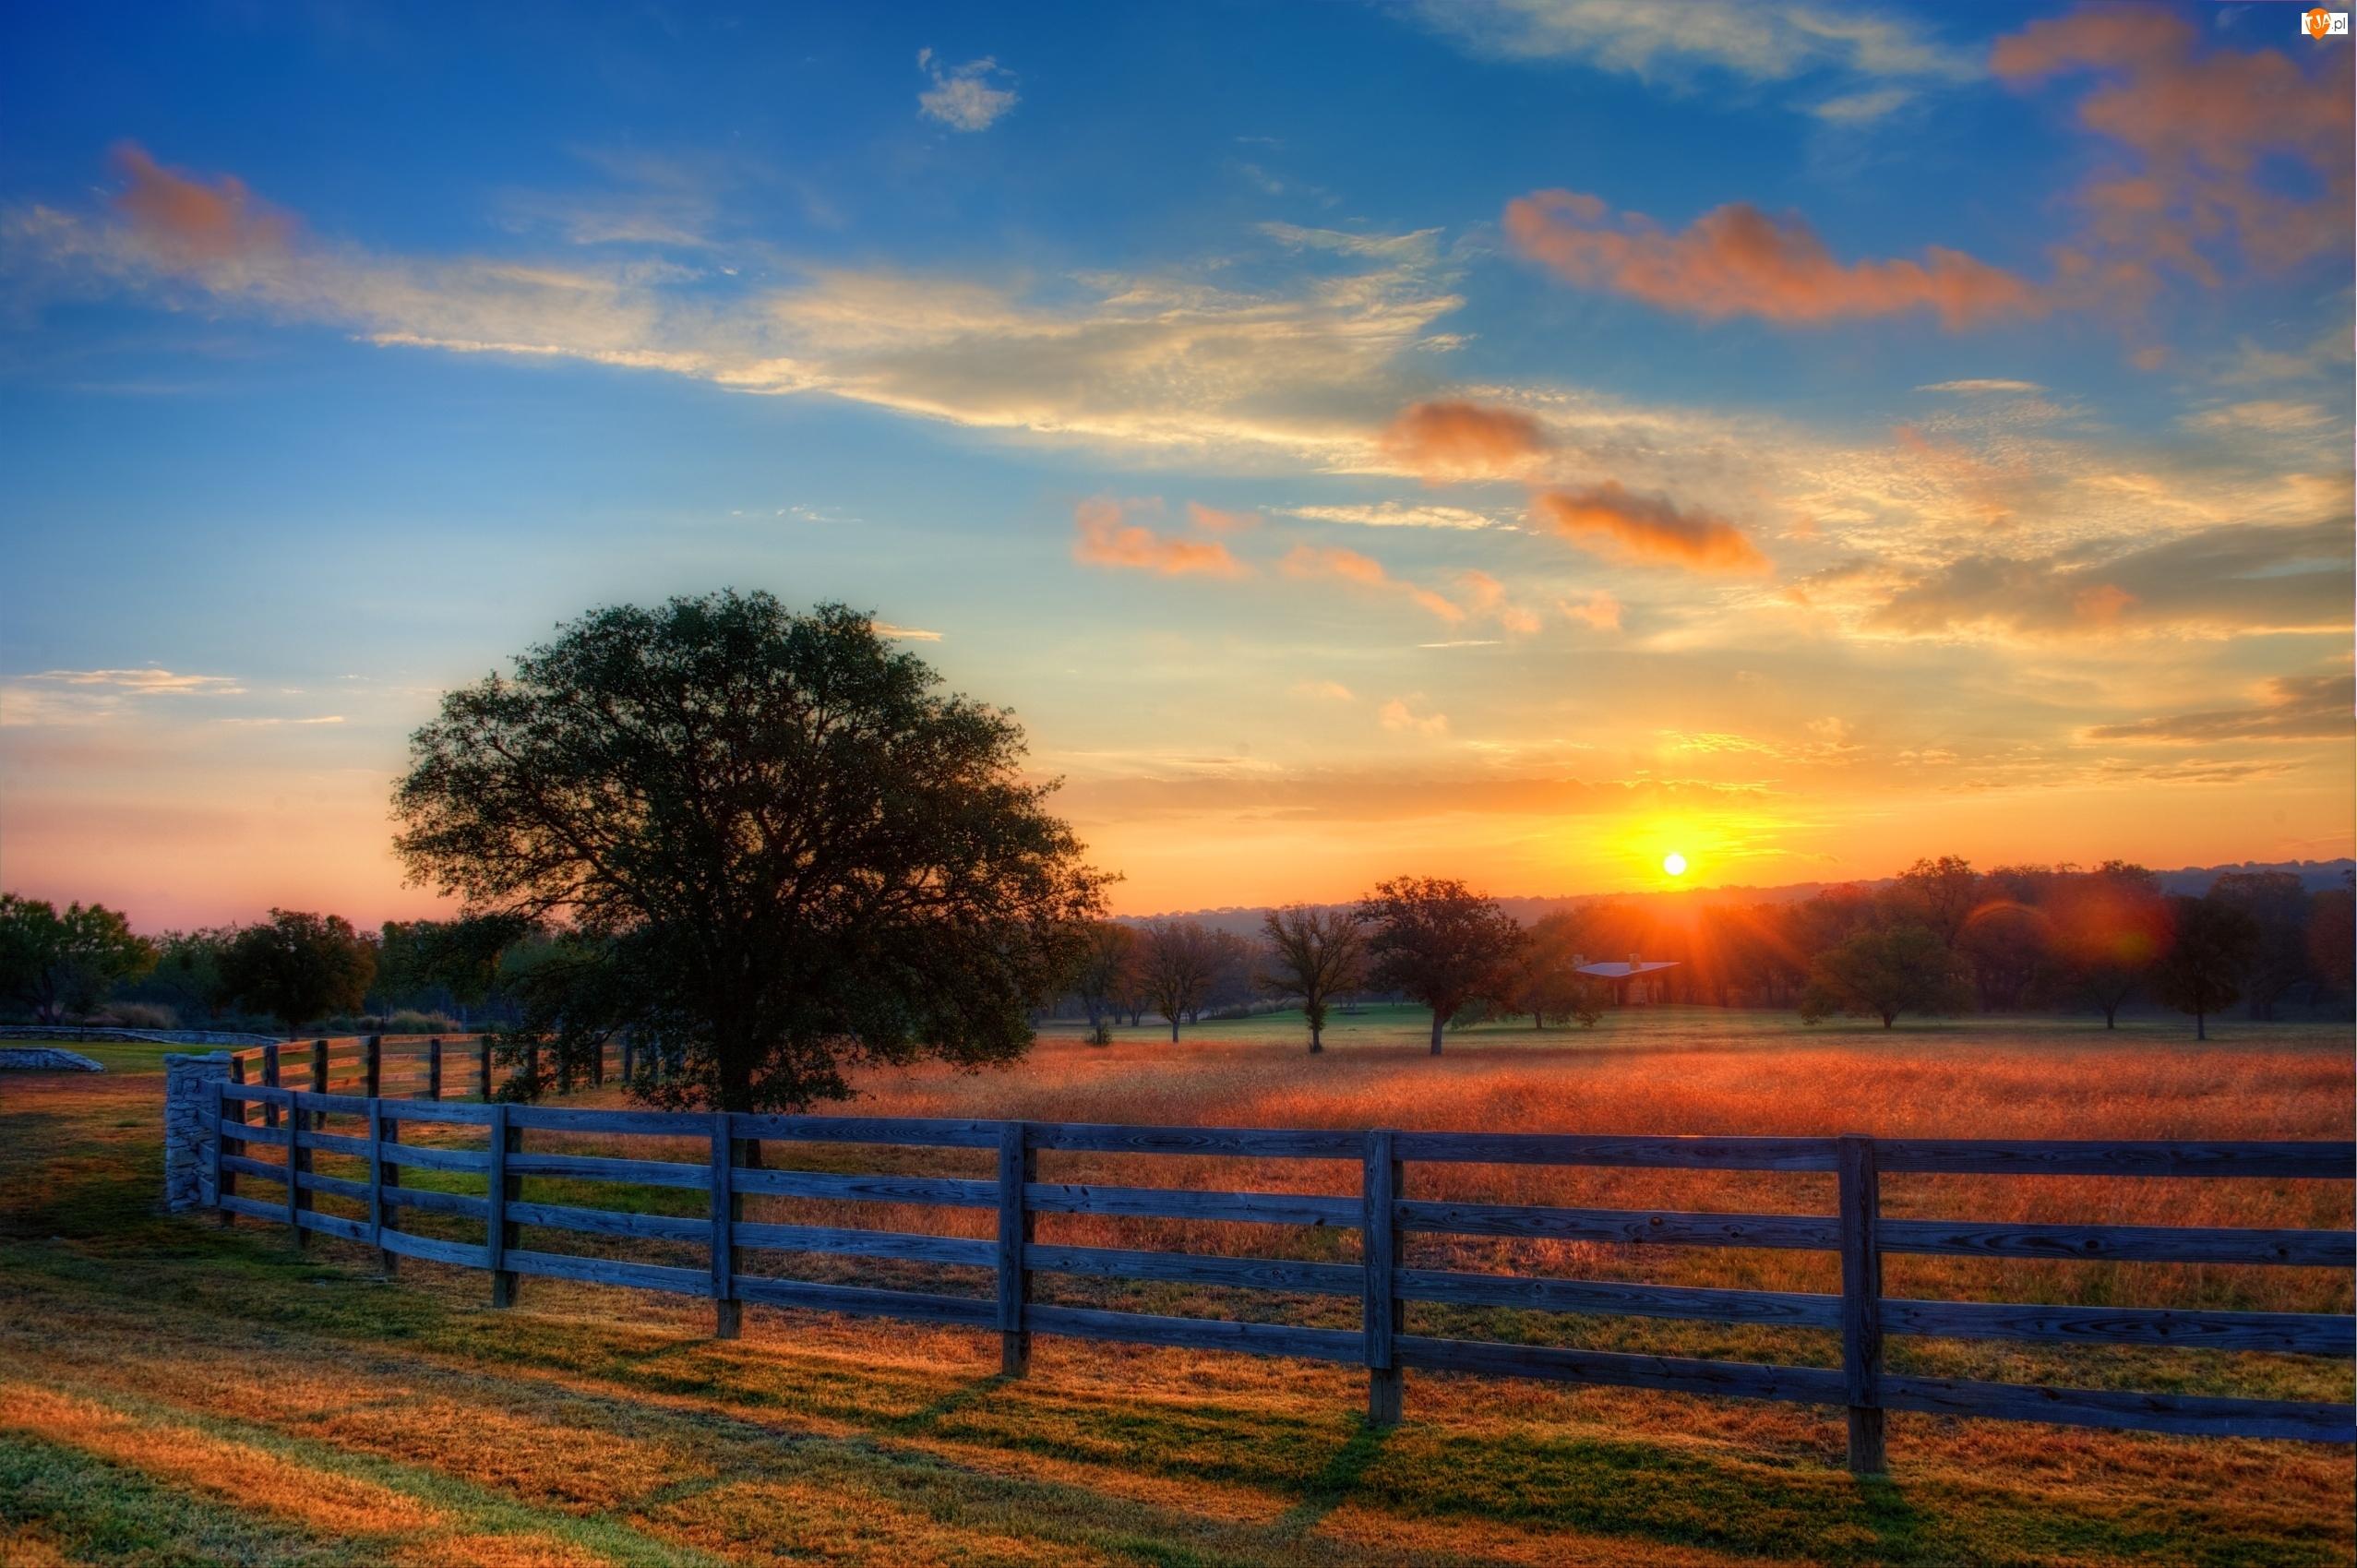 Słońca, Ogrodzone, Drzewa, Pole, Wschód